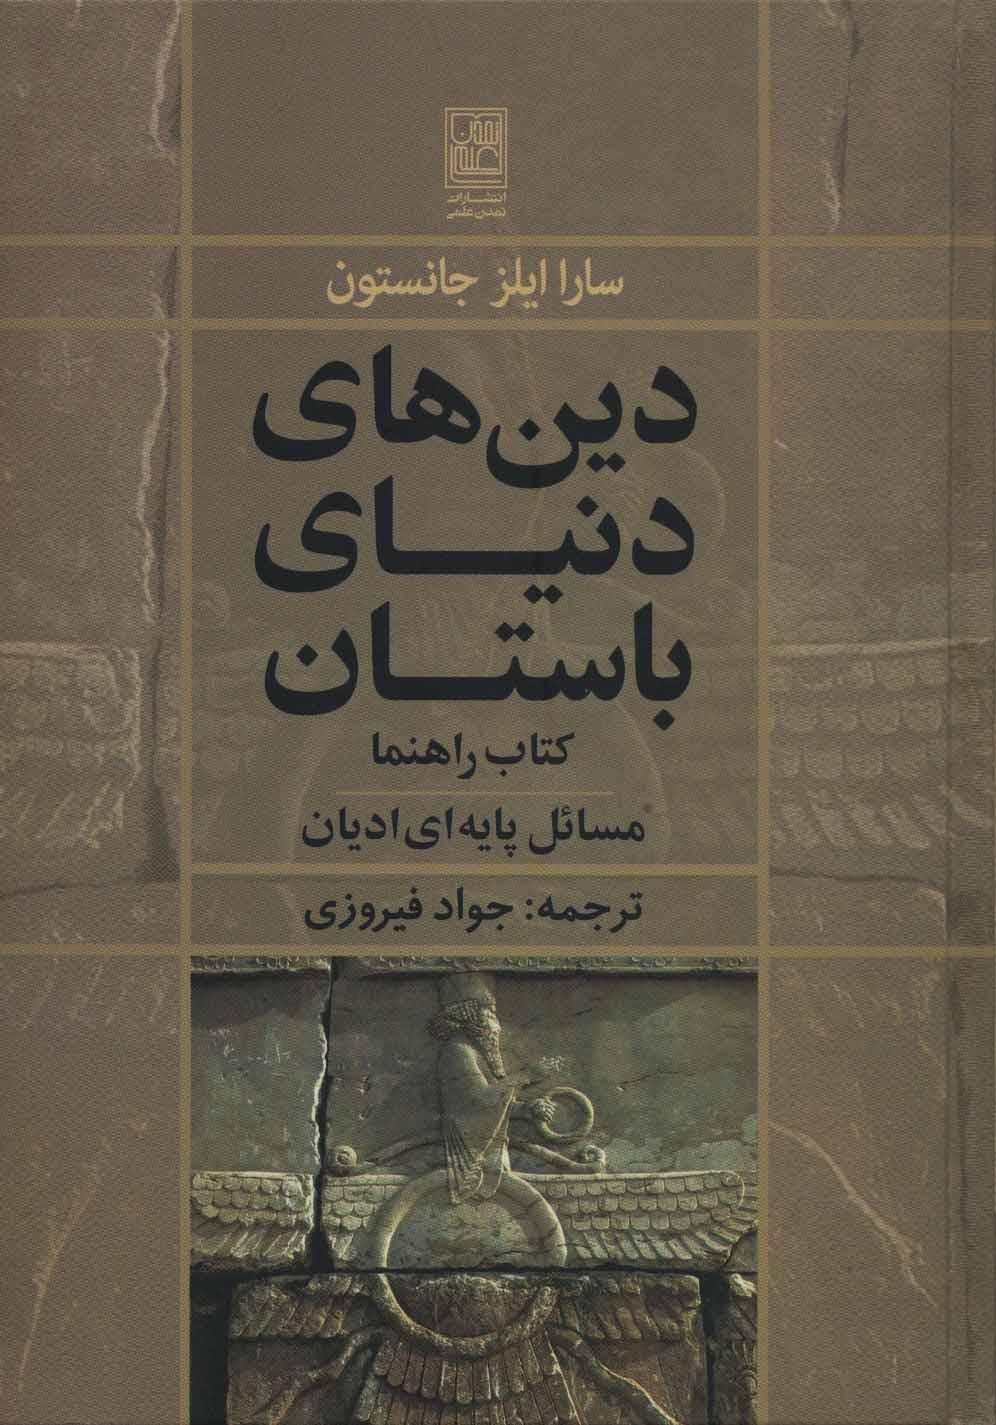 دین های دنیای باستان (کتاب راهنما:مسائل پایه ای ادیان)